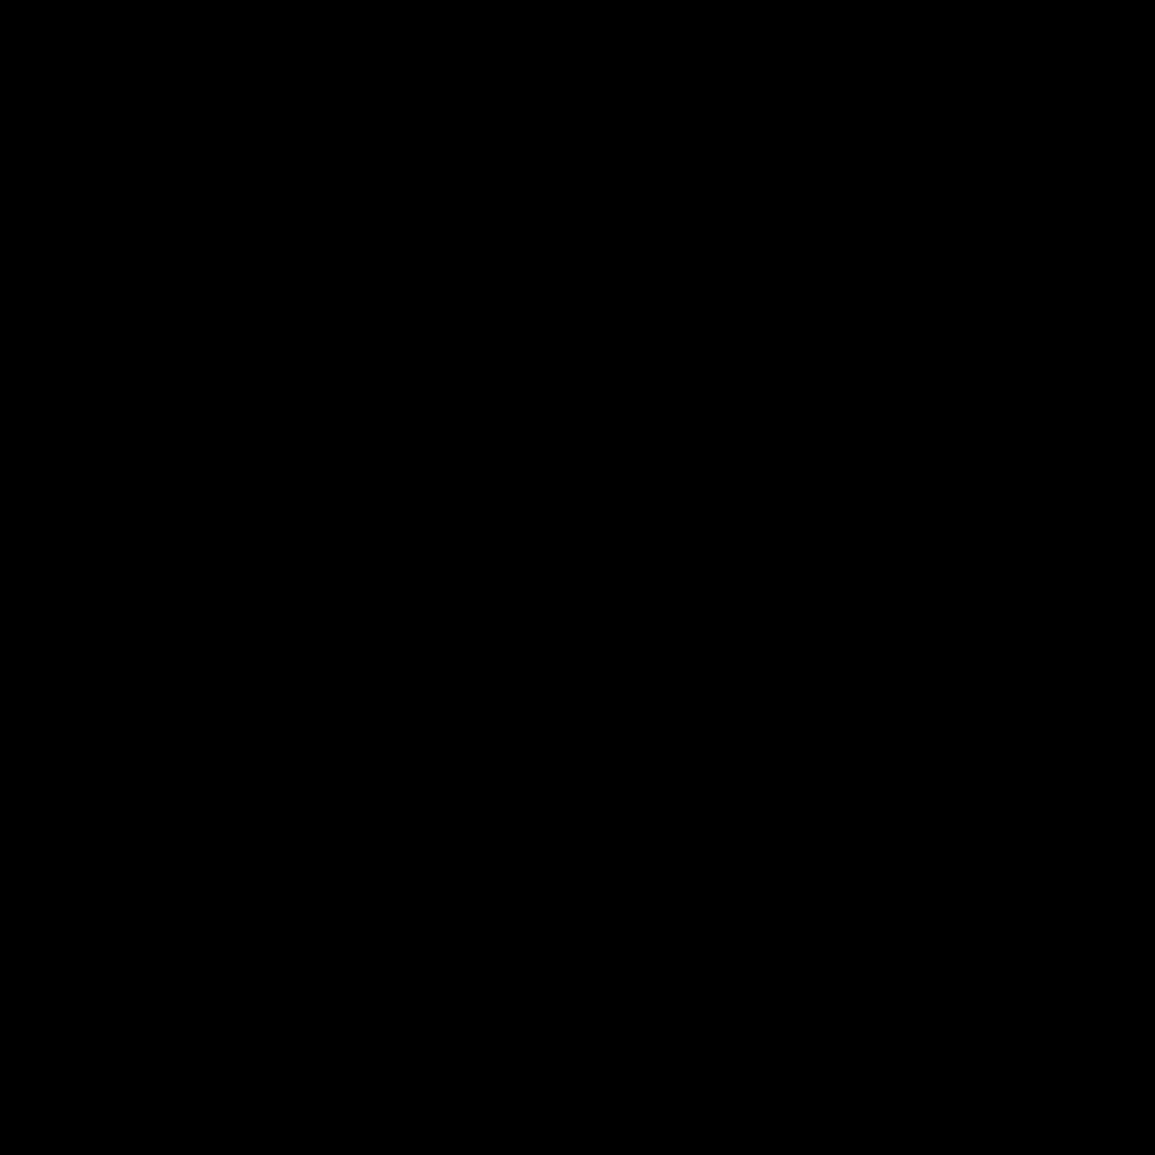 本蘭明朝 D DHM 字形見本